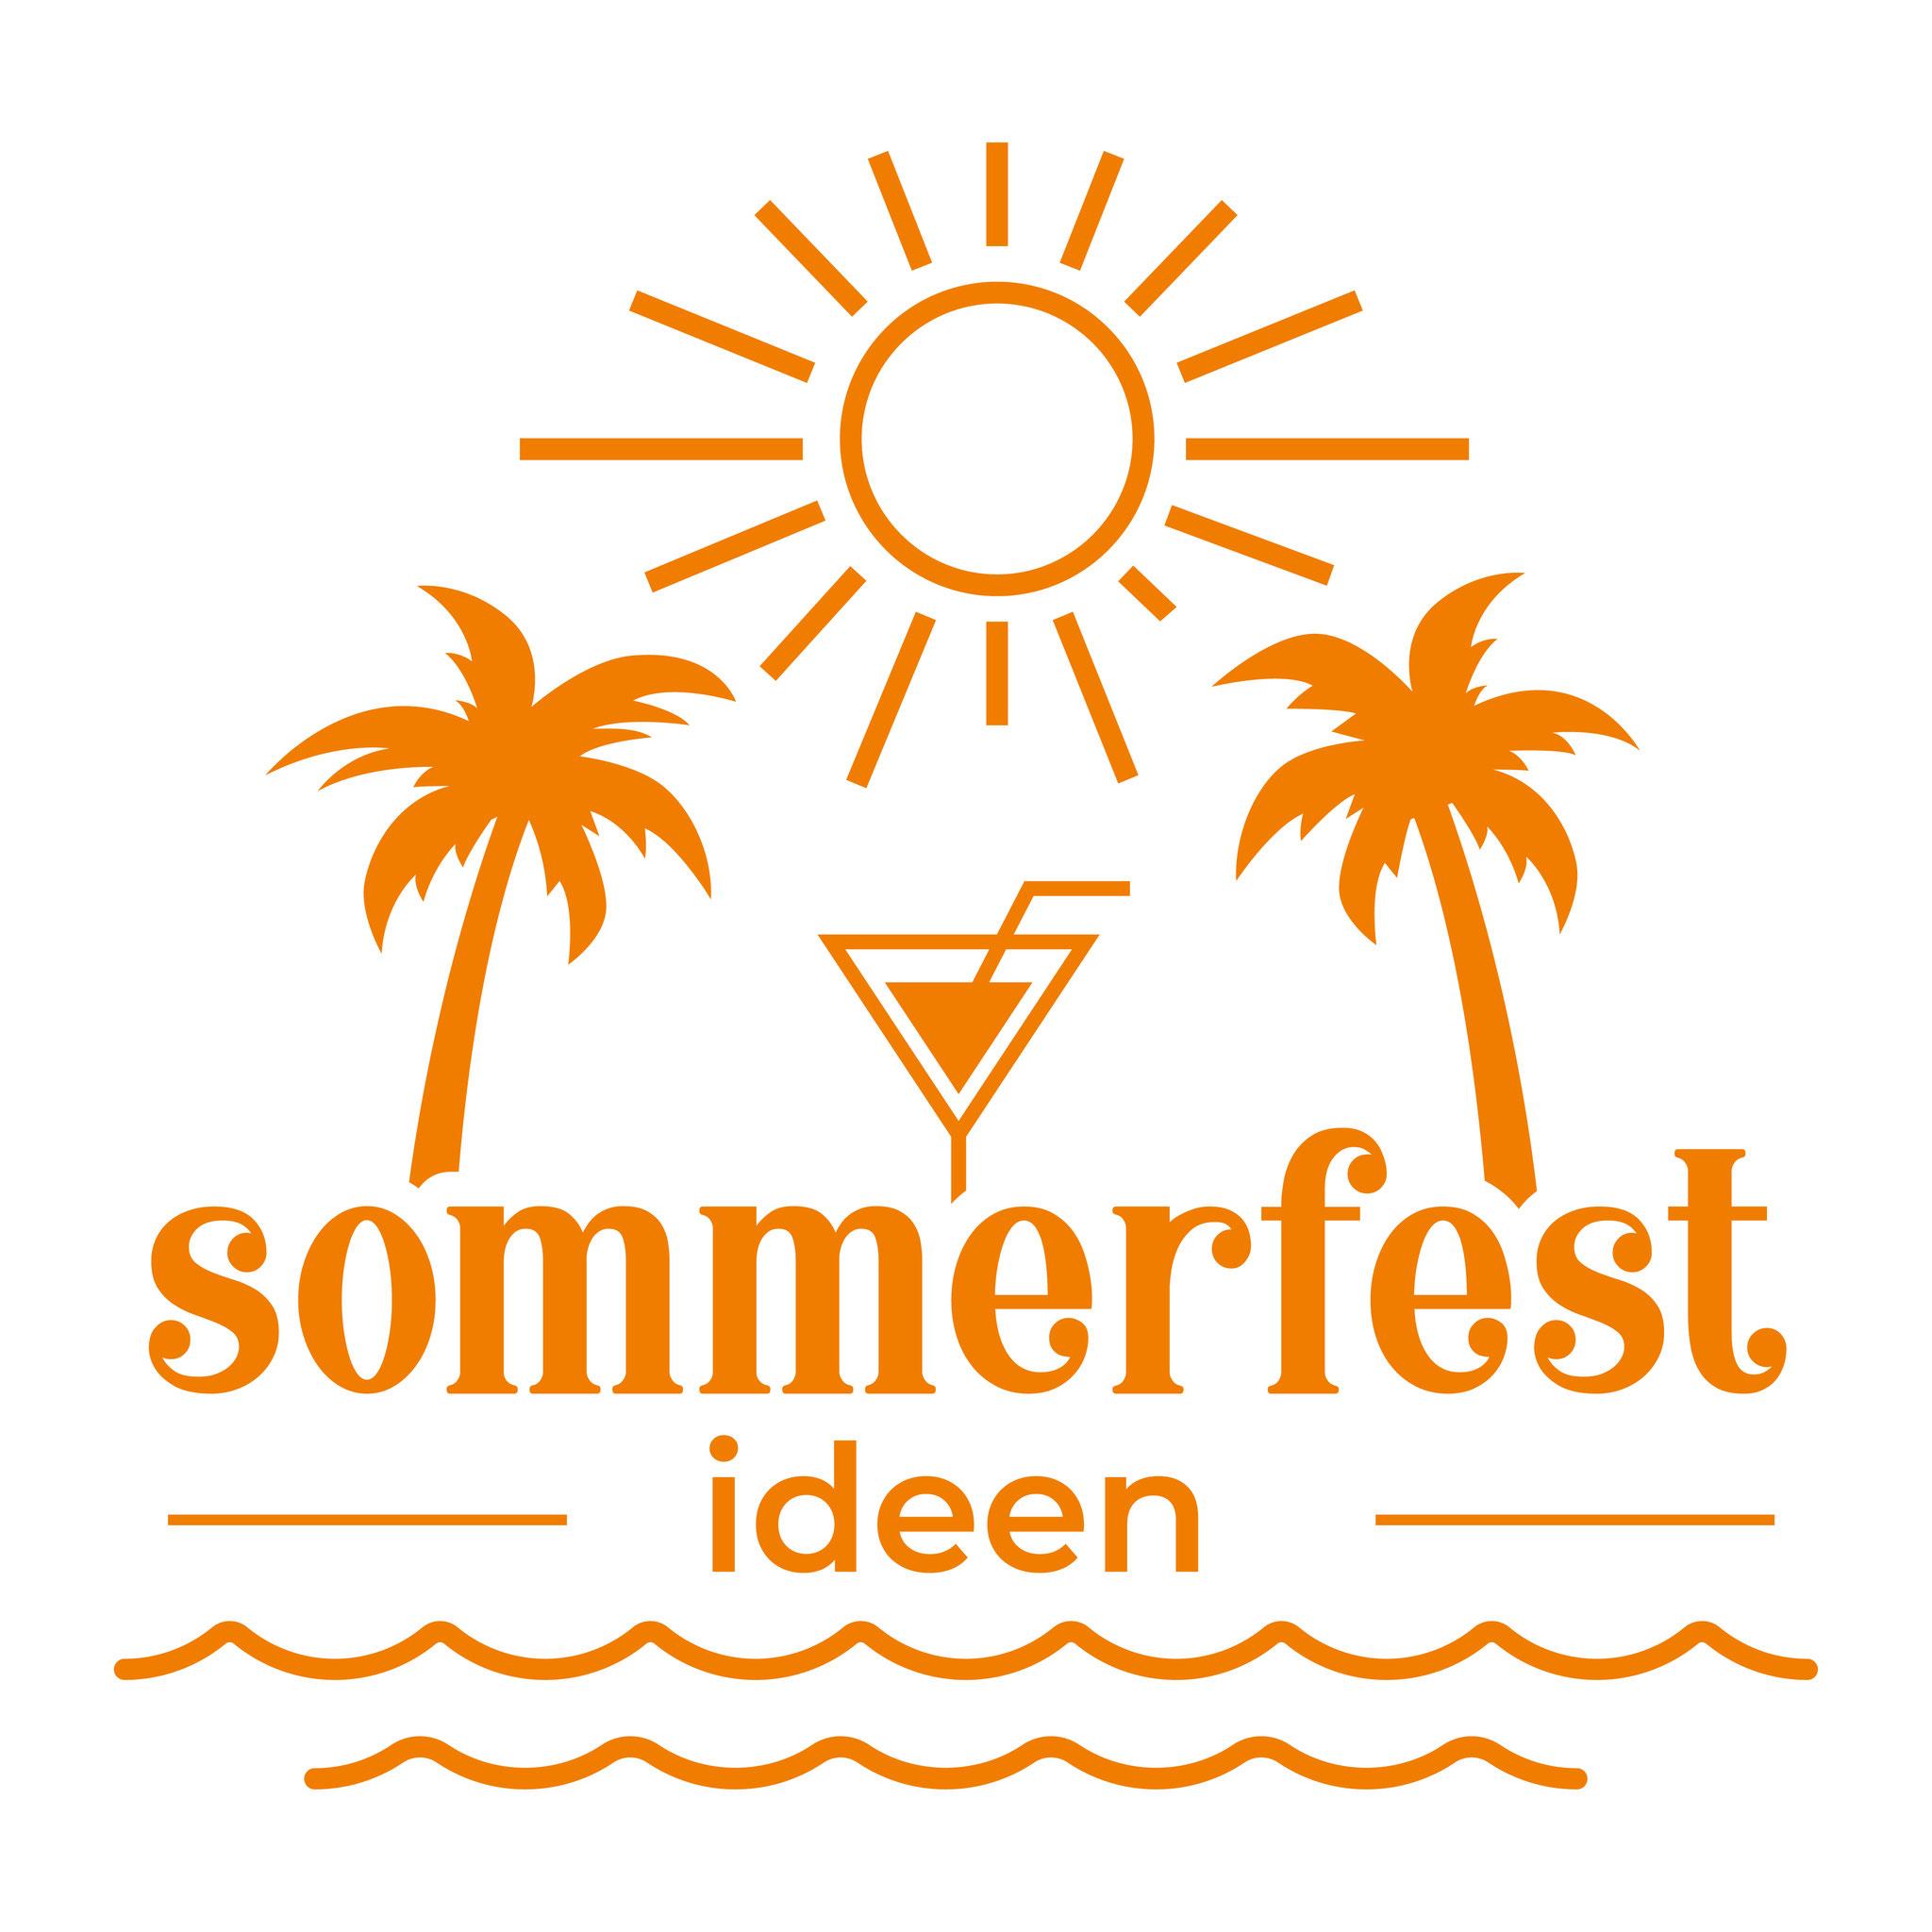 Sie planen gerade das nächste Sommerfest und sind noch auf der Suche nach Ideen? Klicken Sie auf das Bild für mehr Sommerfest Ideen!